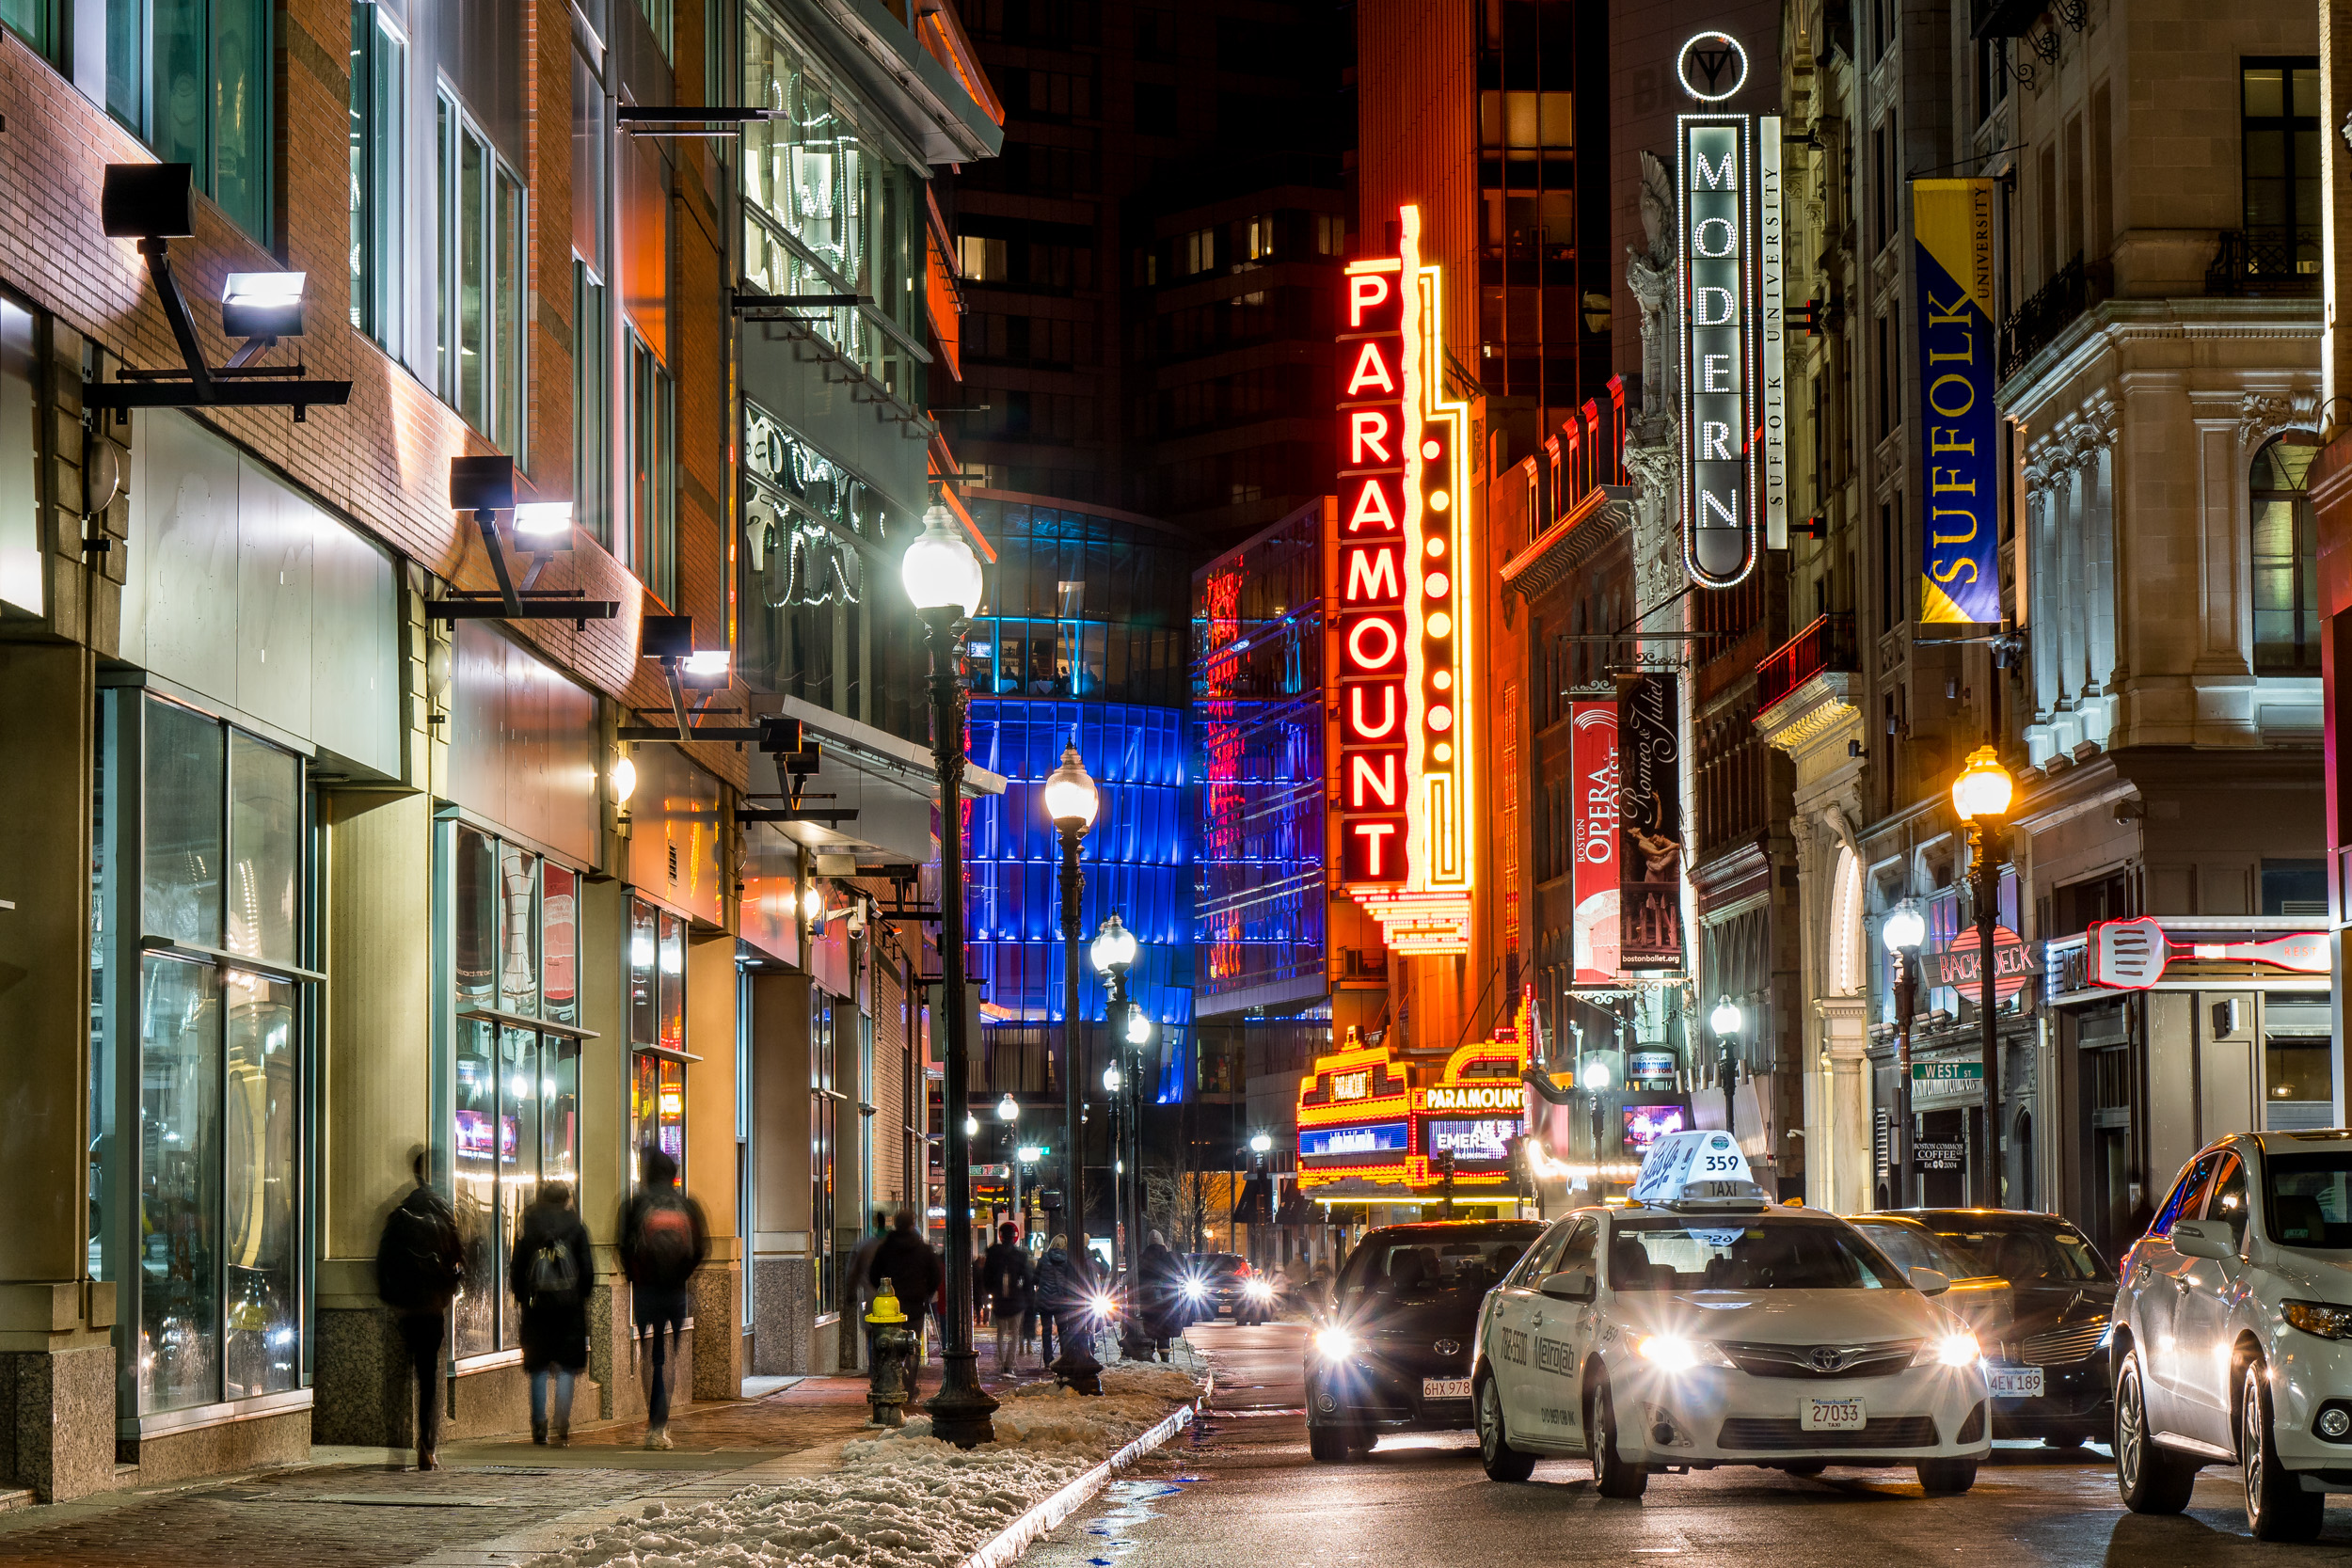 Theater District - Boston, MA